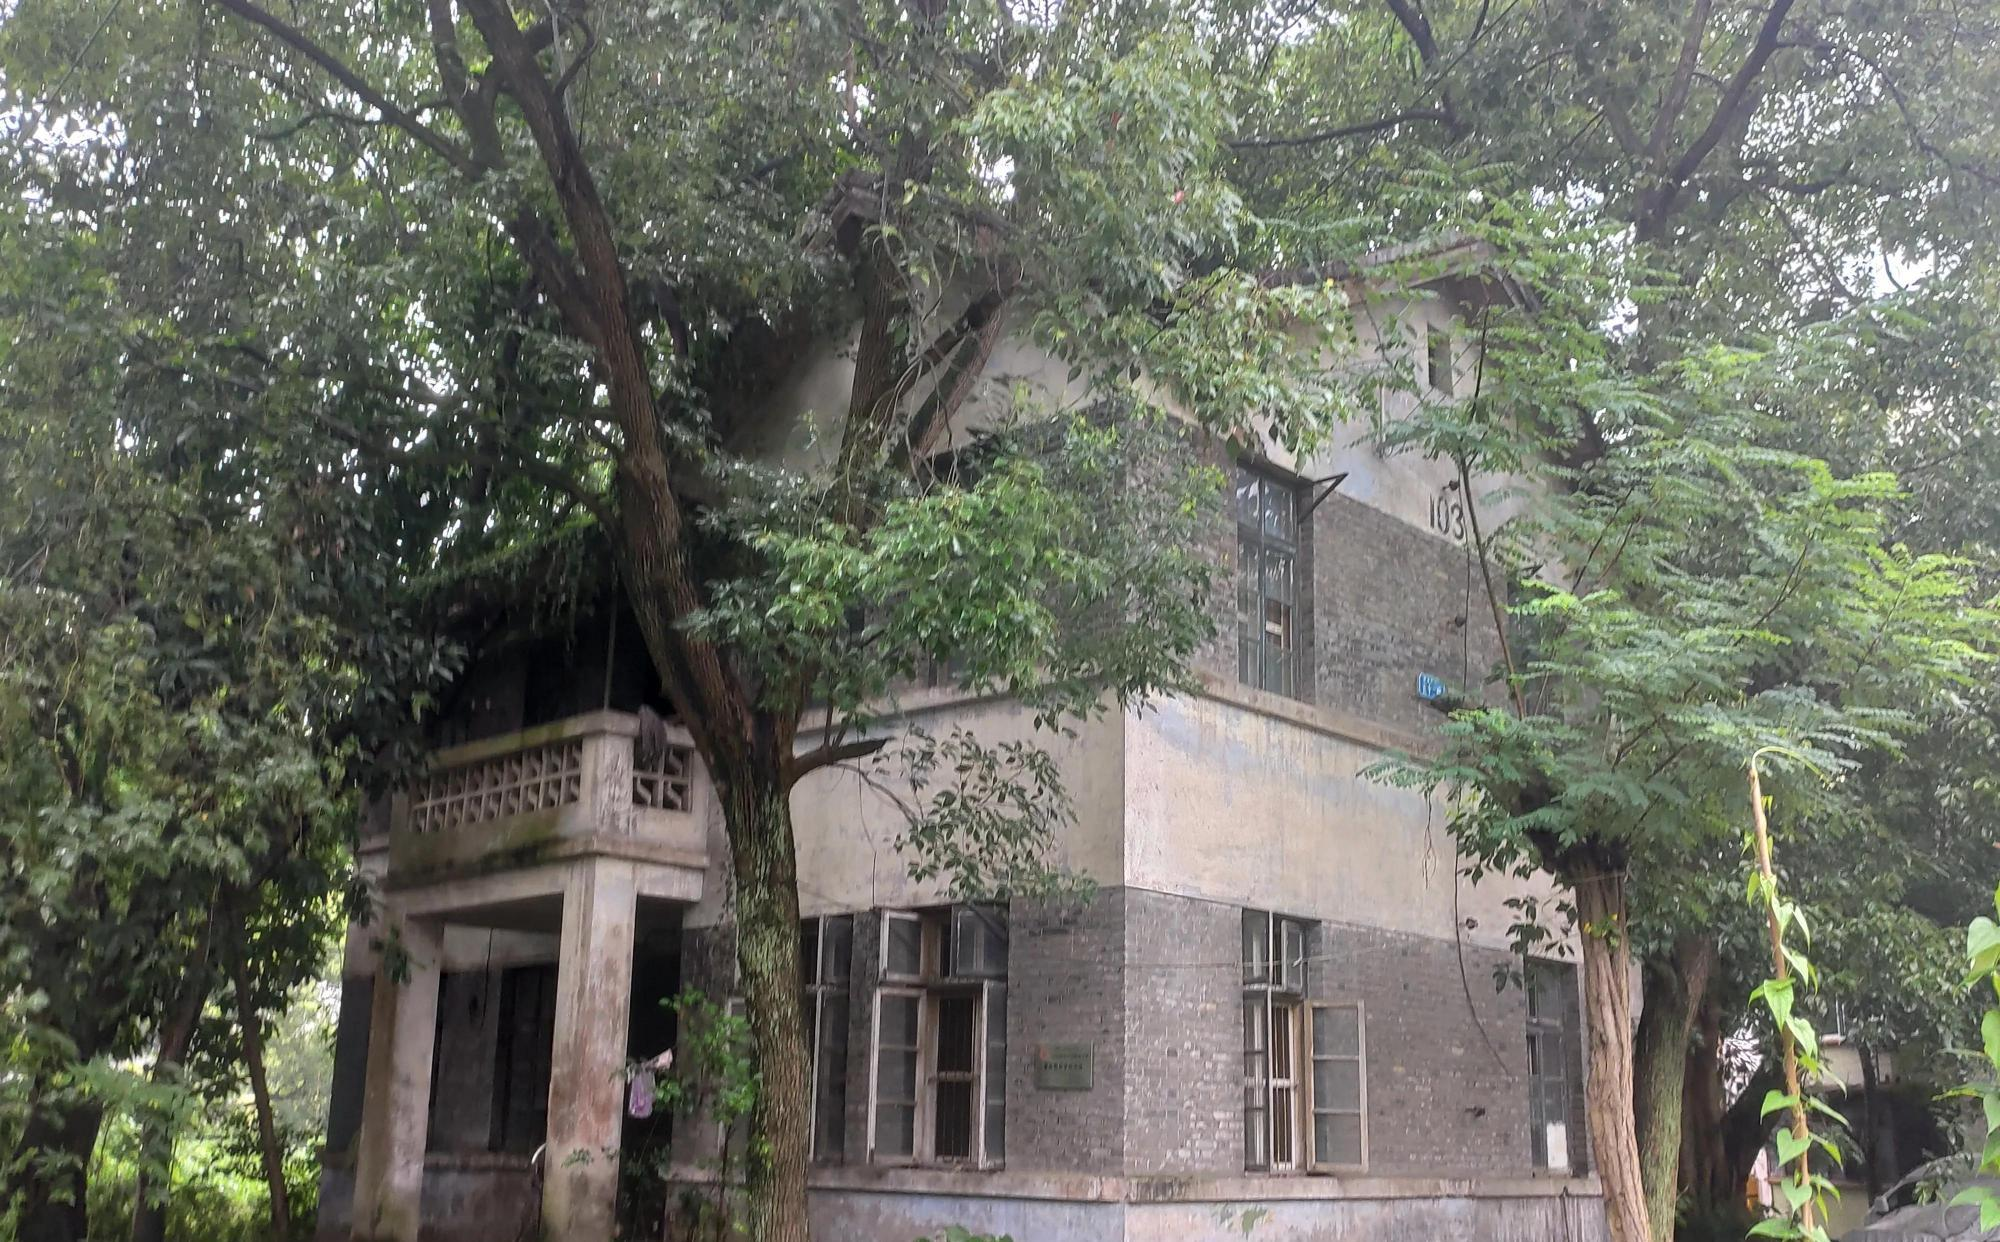 重庆大学城高校遗址,昔日辉煌功勋卓越,如今破败令人费解 大学城 重庆大学城 大学 每日推荐  第4张